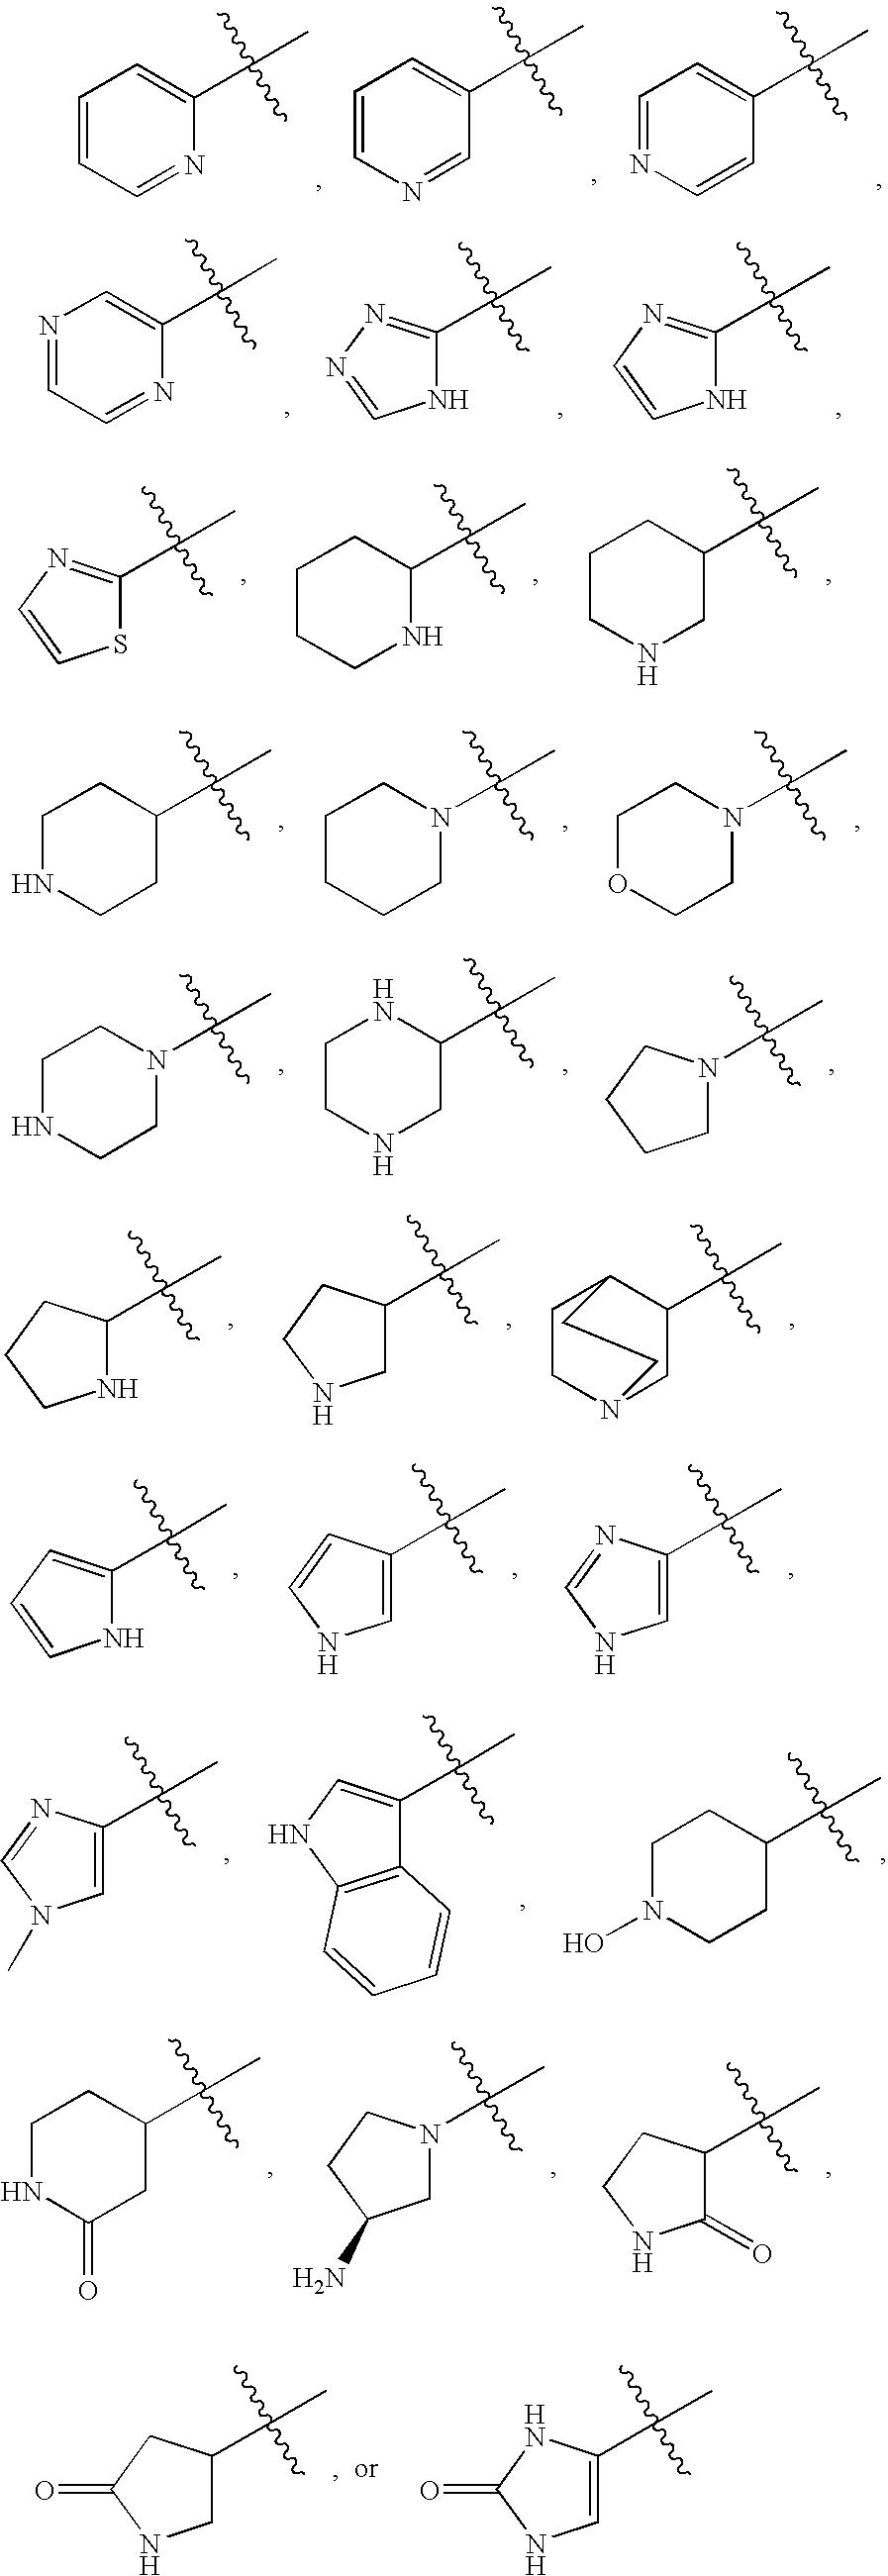 Figure US07368453-20080506-C00535